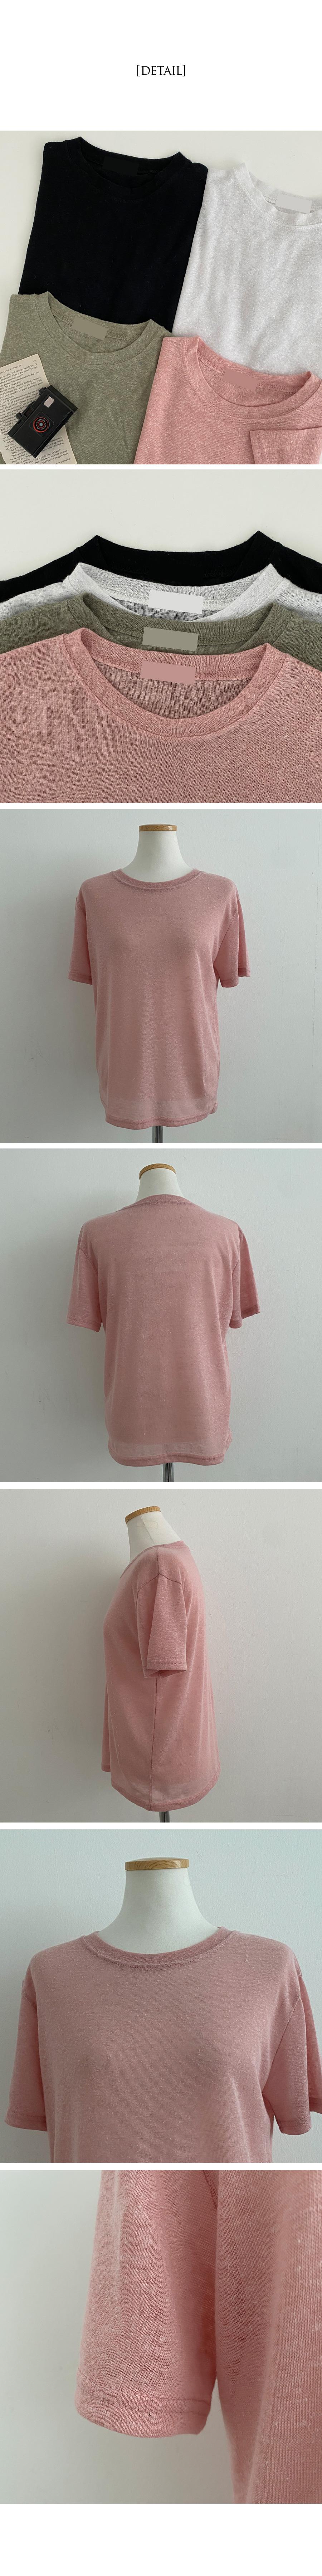 Healing Basic Linen Short Sleeve T-shirt